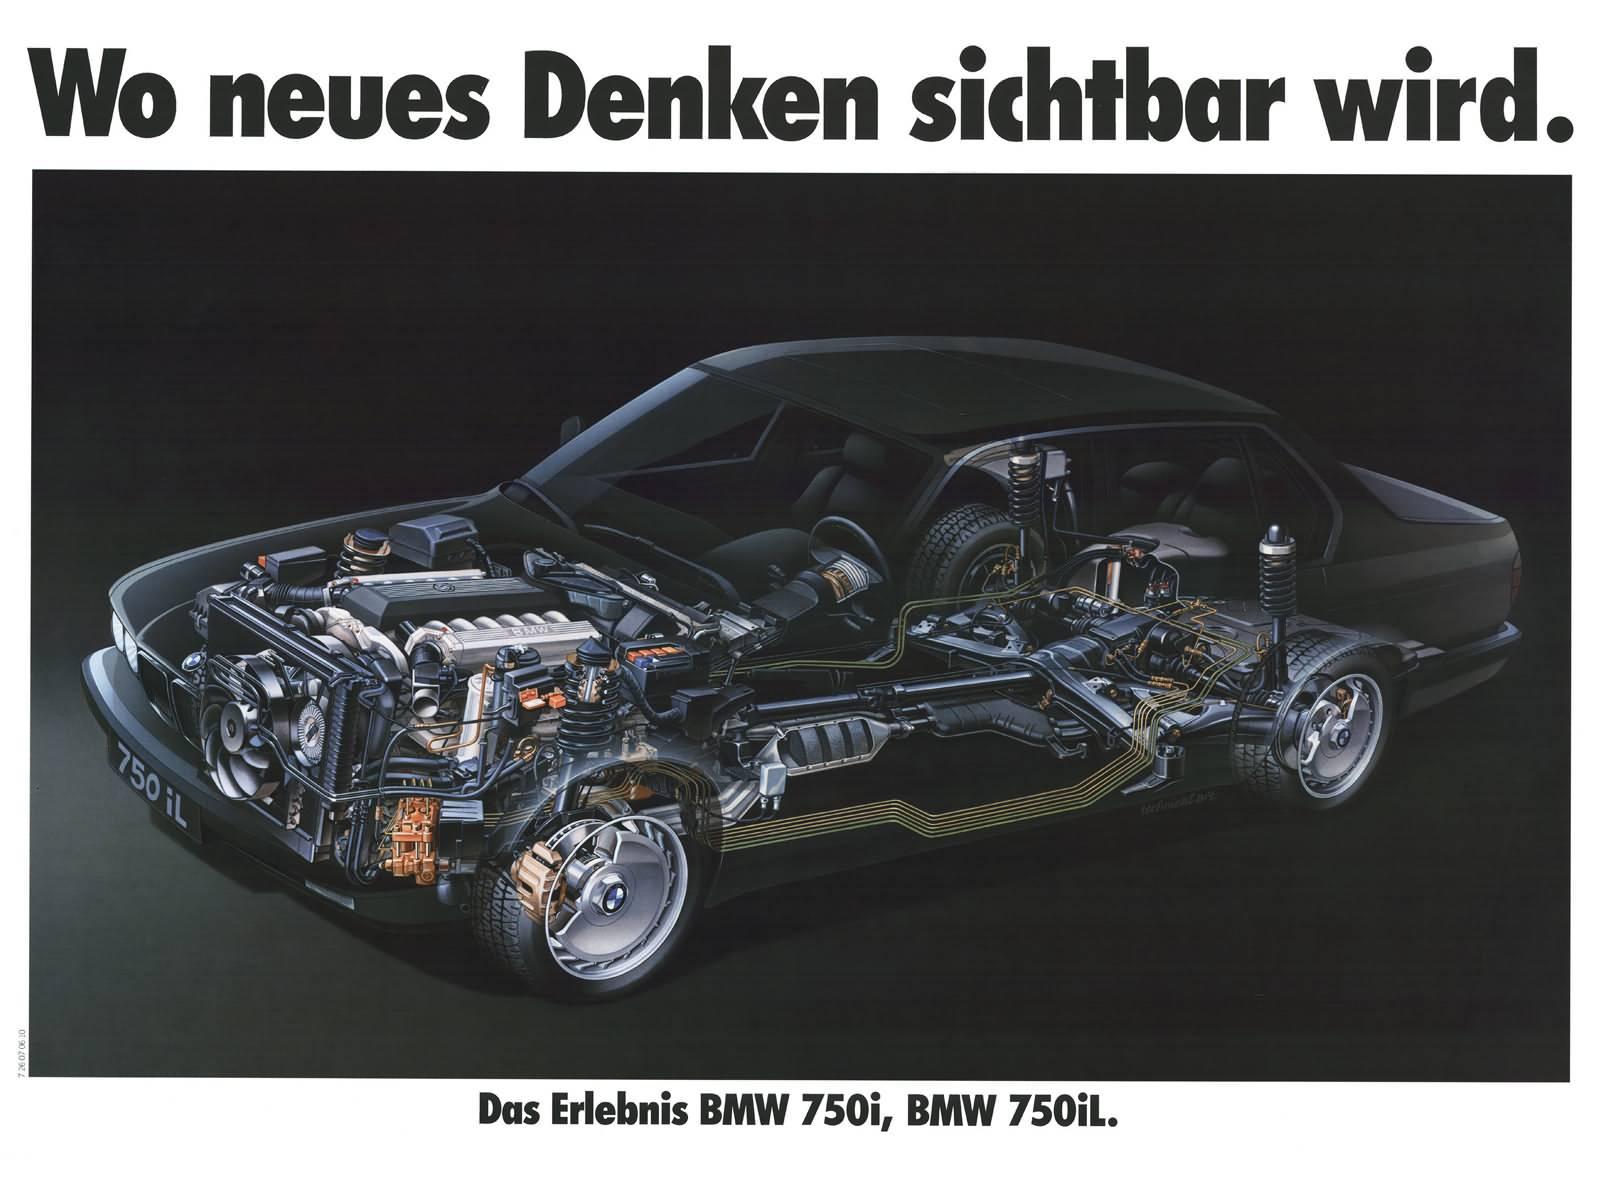 BMW 750i, erster Zwölfzylinder in der Nachkriegszeit